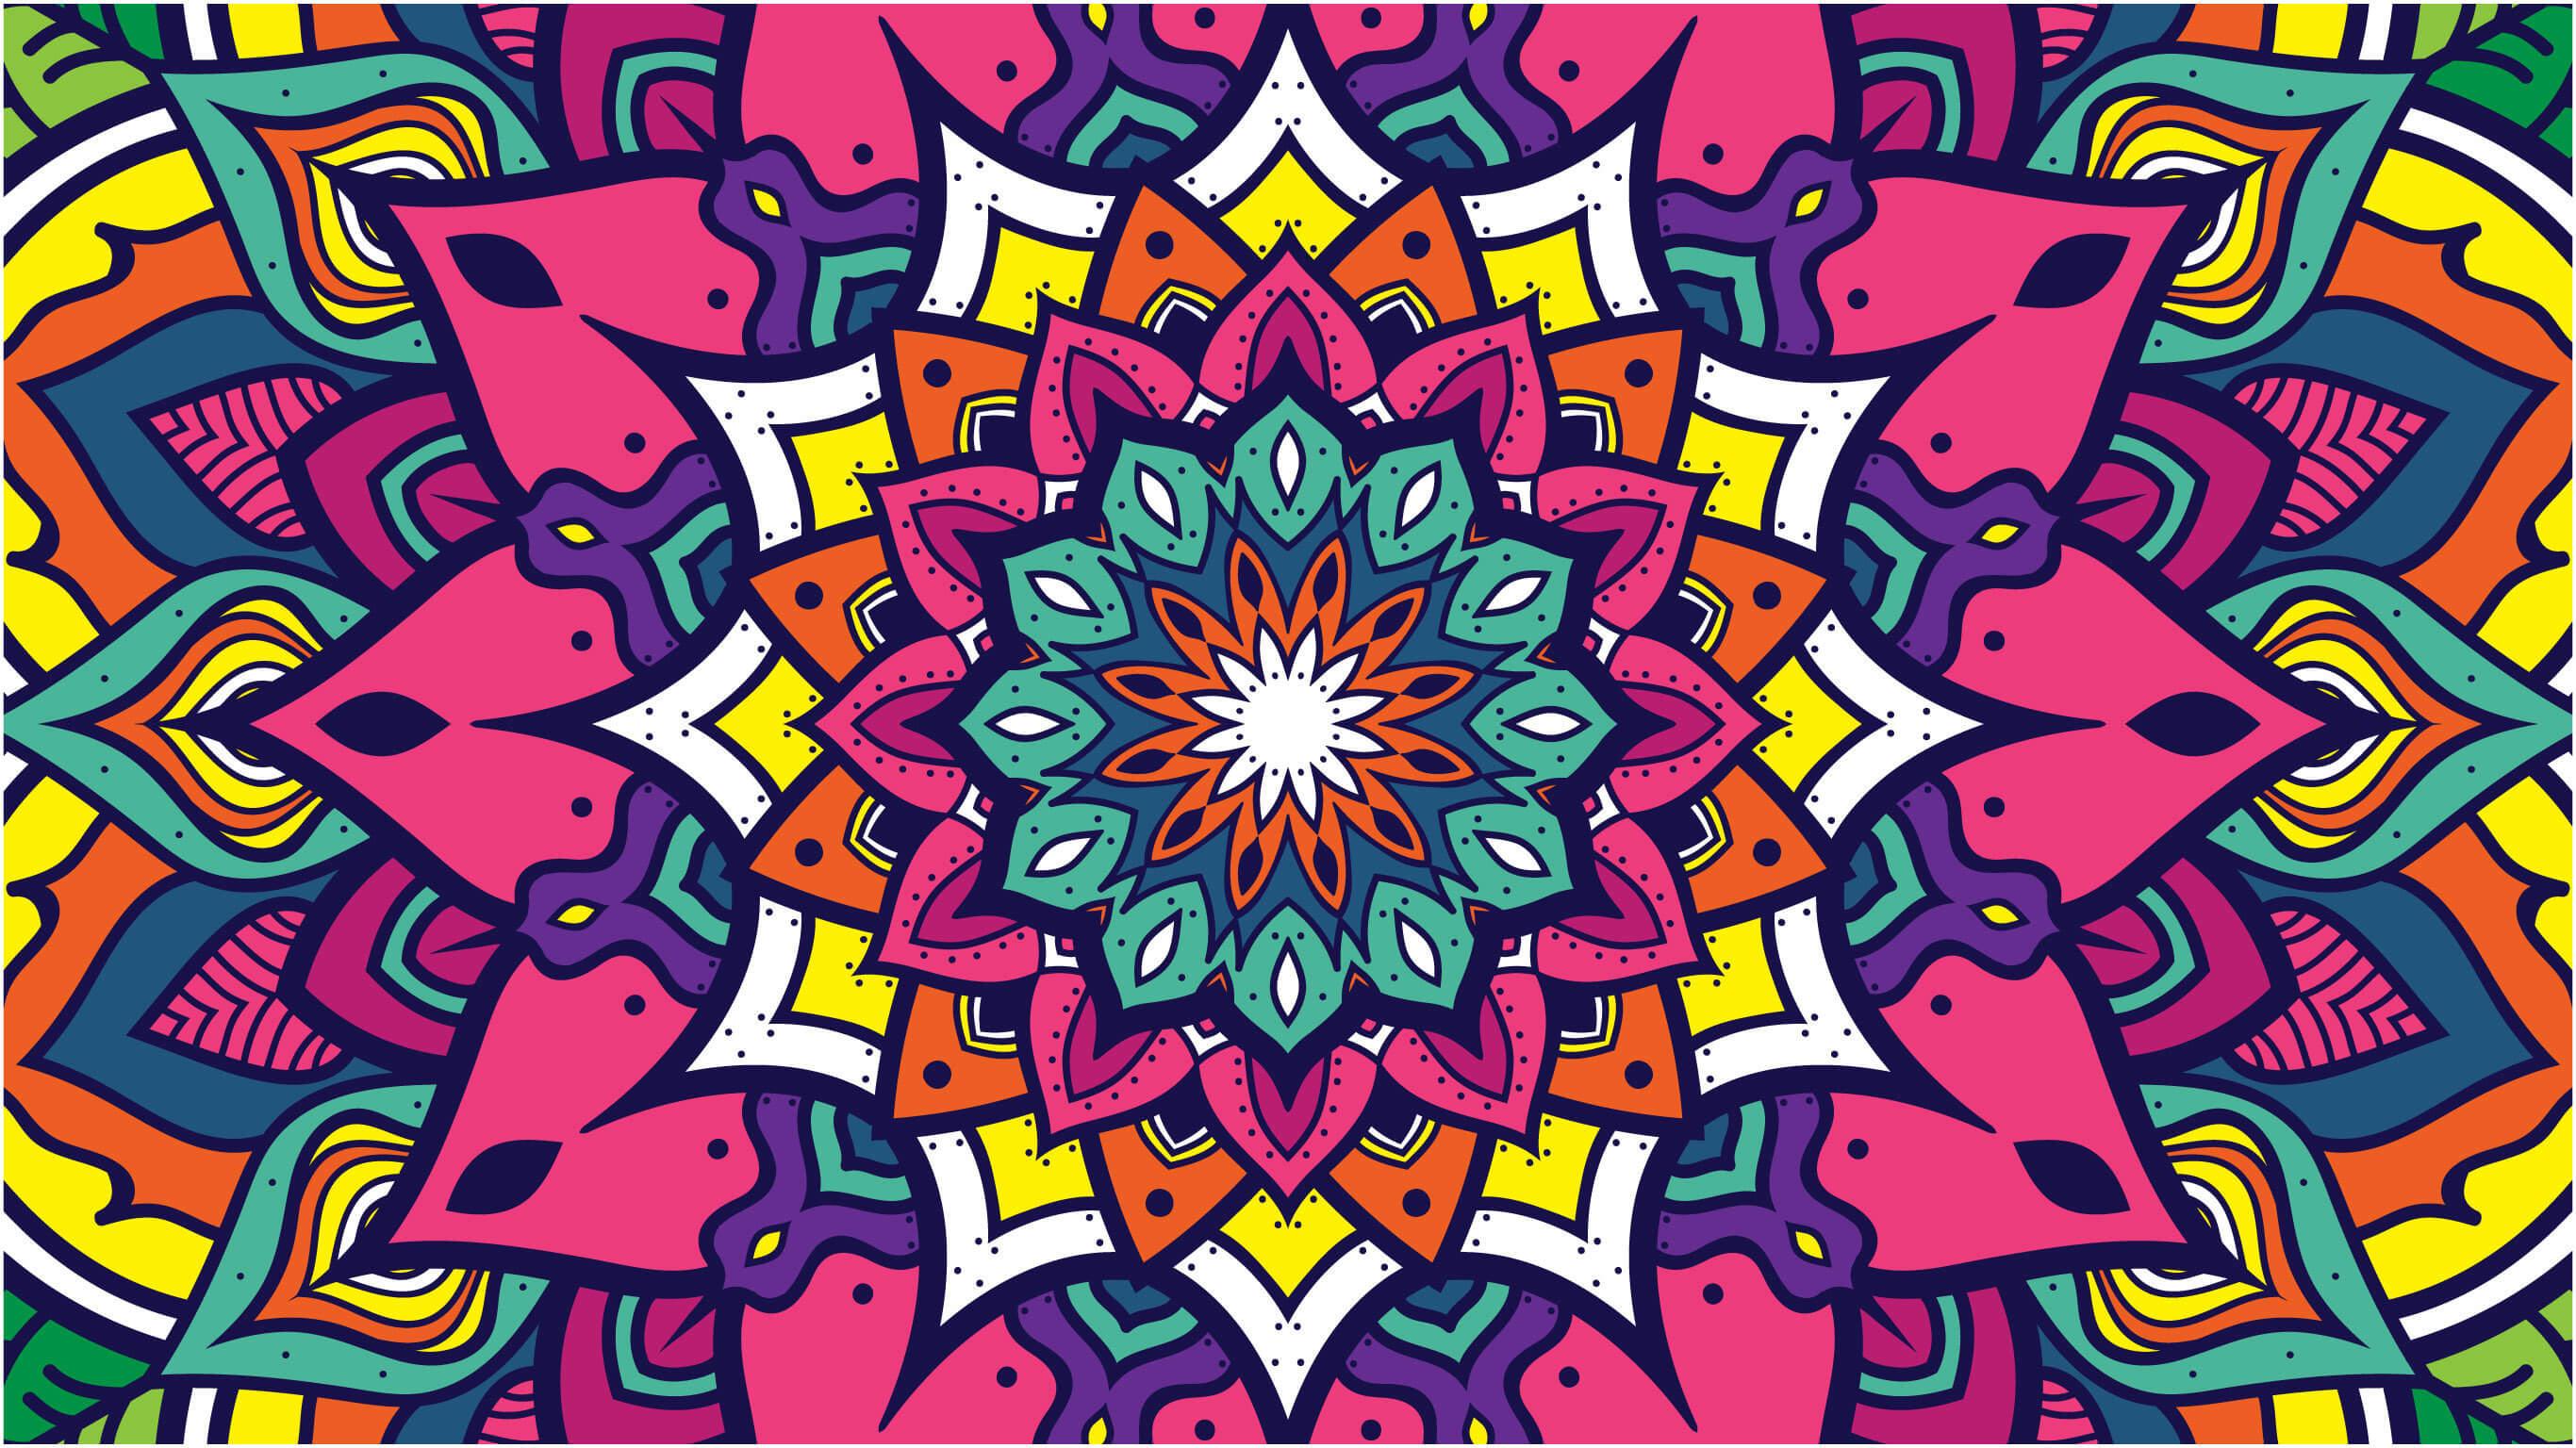 Mandalas 5 beneficios la mente es maravillosa - Mandalas en colores ...